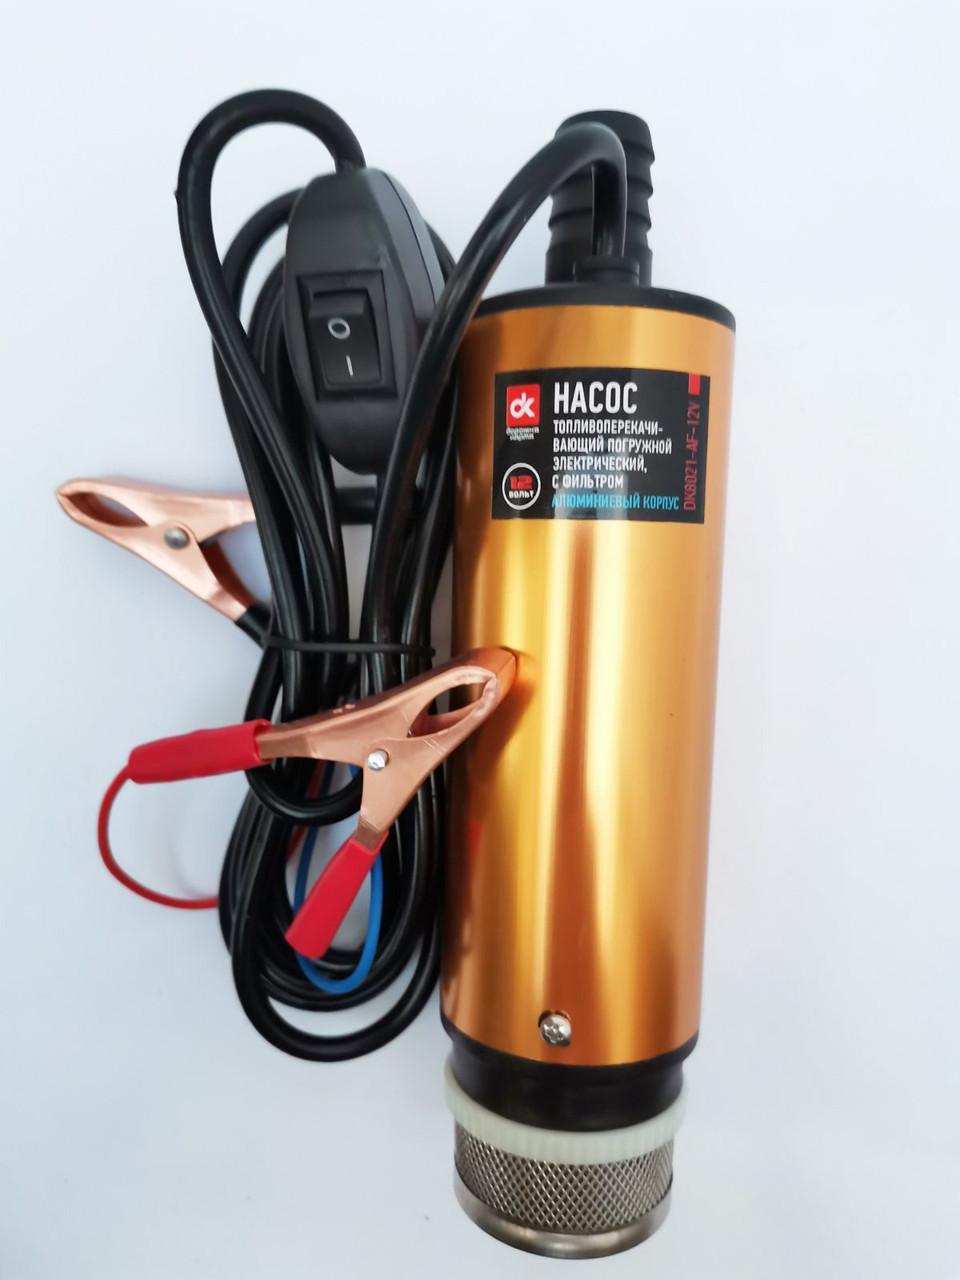 Насос топливоперекачивающий погружной D50 24V алюмин. корпус, с фильтром.